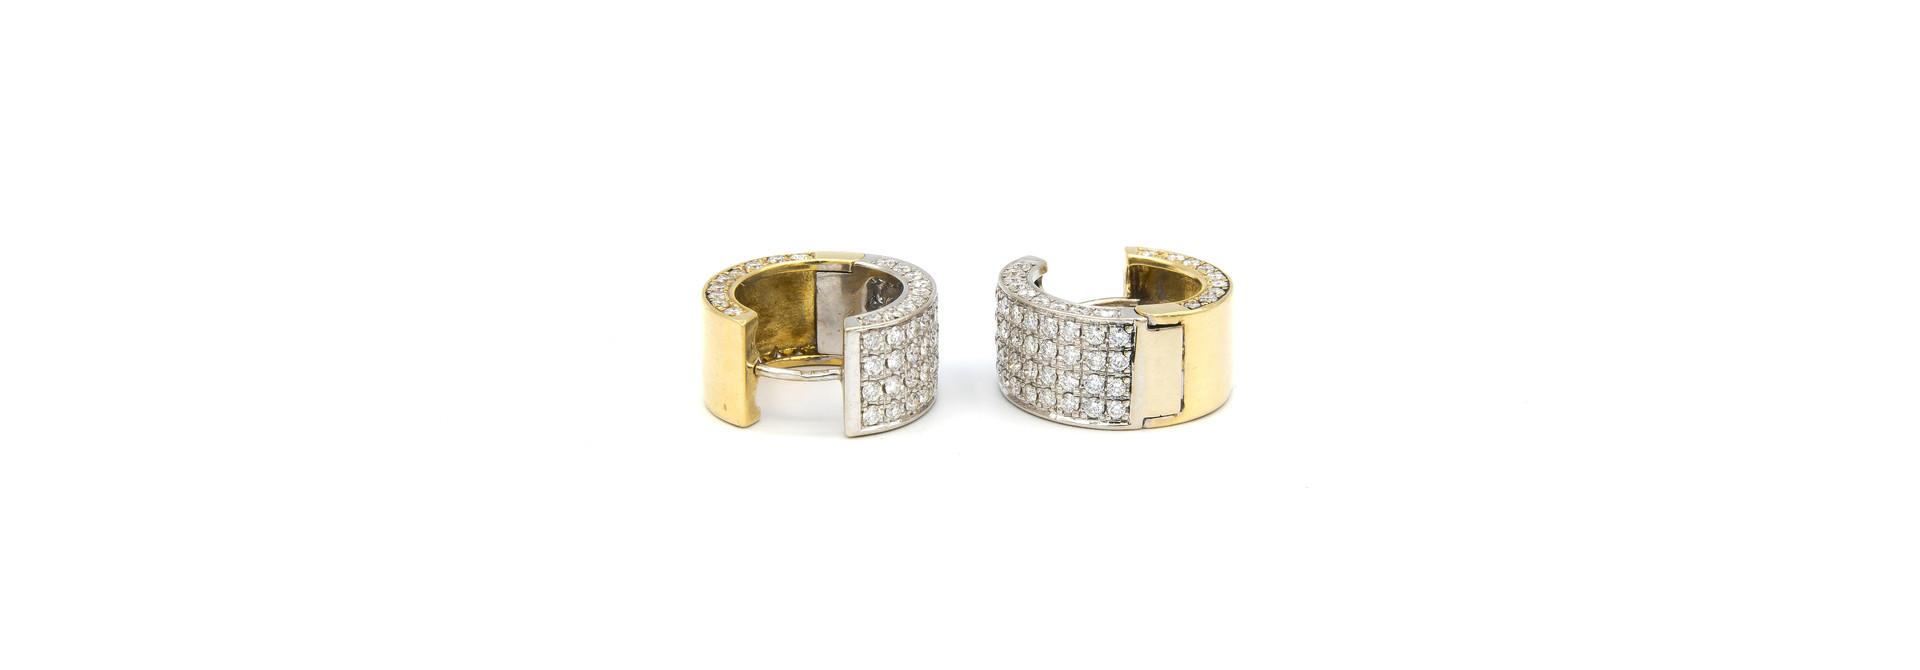 Oorbellen bicolor creolen met in totaal 160 diamantjes